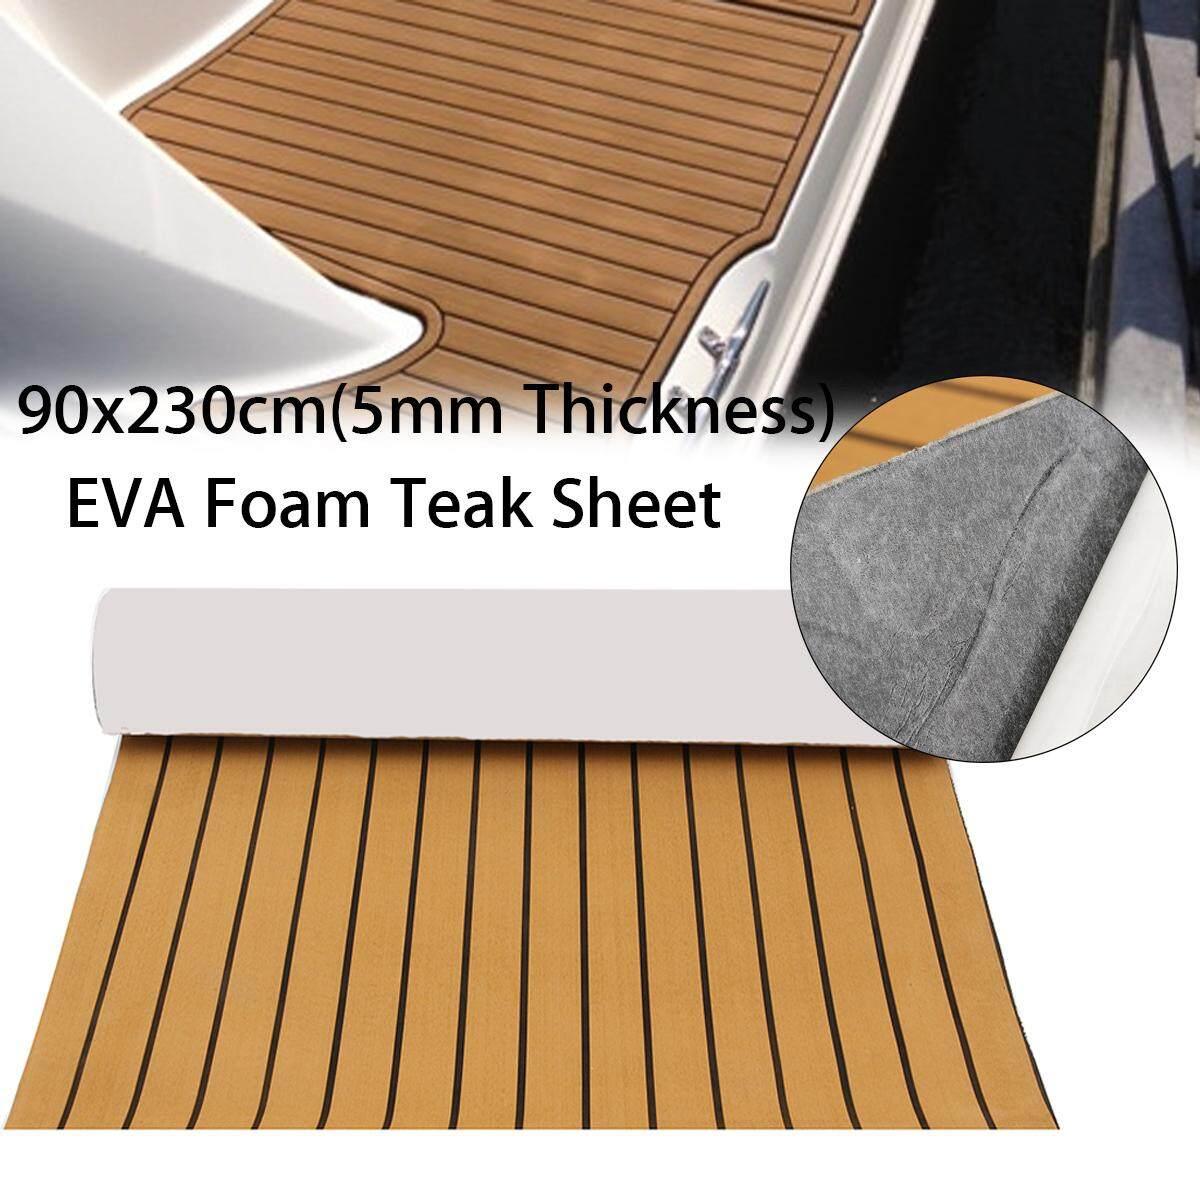 【free Pengiriman + Flash Deal】90x230cm Perekat Eva 5 Mm Busa Jati Lembar Perahu Decking Emas Dengan Garis Hitam By Autoleader.